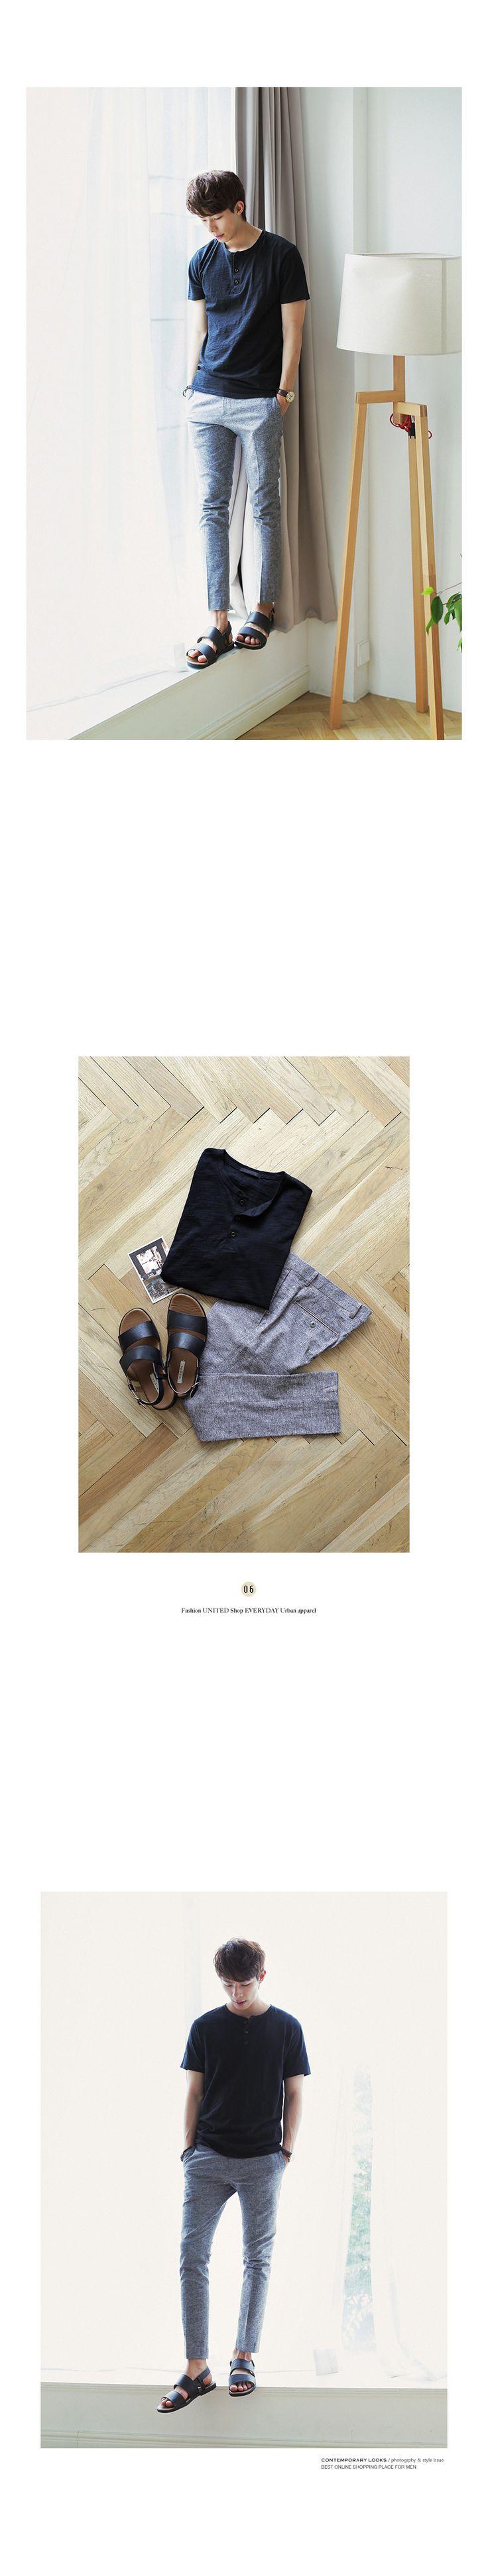 *Asterr.*リネン混紡素材ぼかしデザインスラックスパンツ・全4色パンツ・ズボンパンツ・ズボン通販 | メンズファッション 通販サイト【ディーホリックメンズ DHOLIC MEN'S】